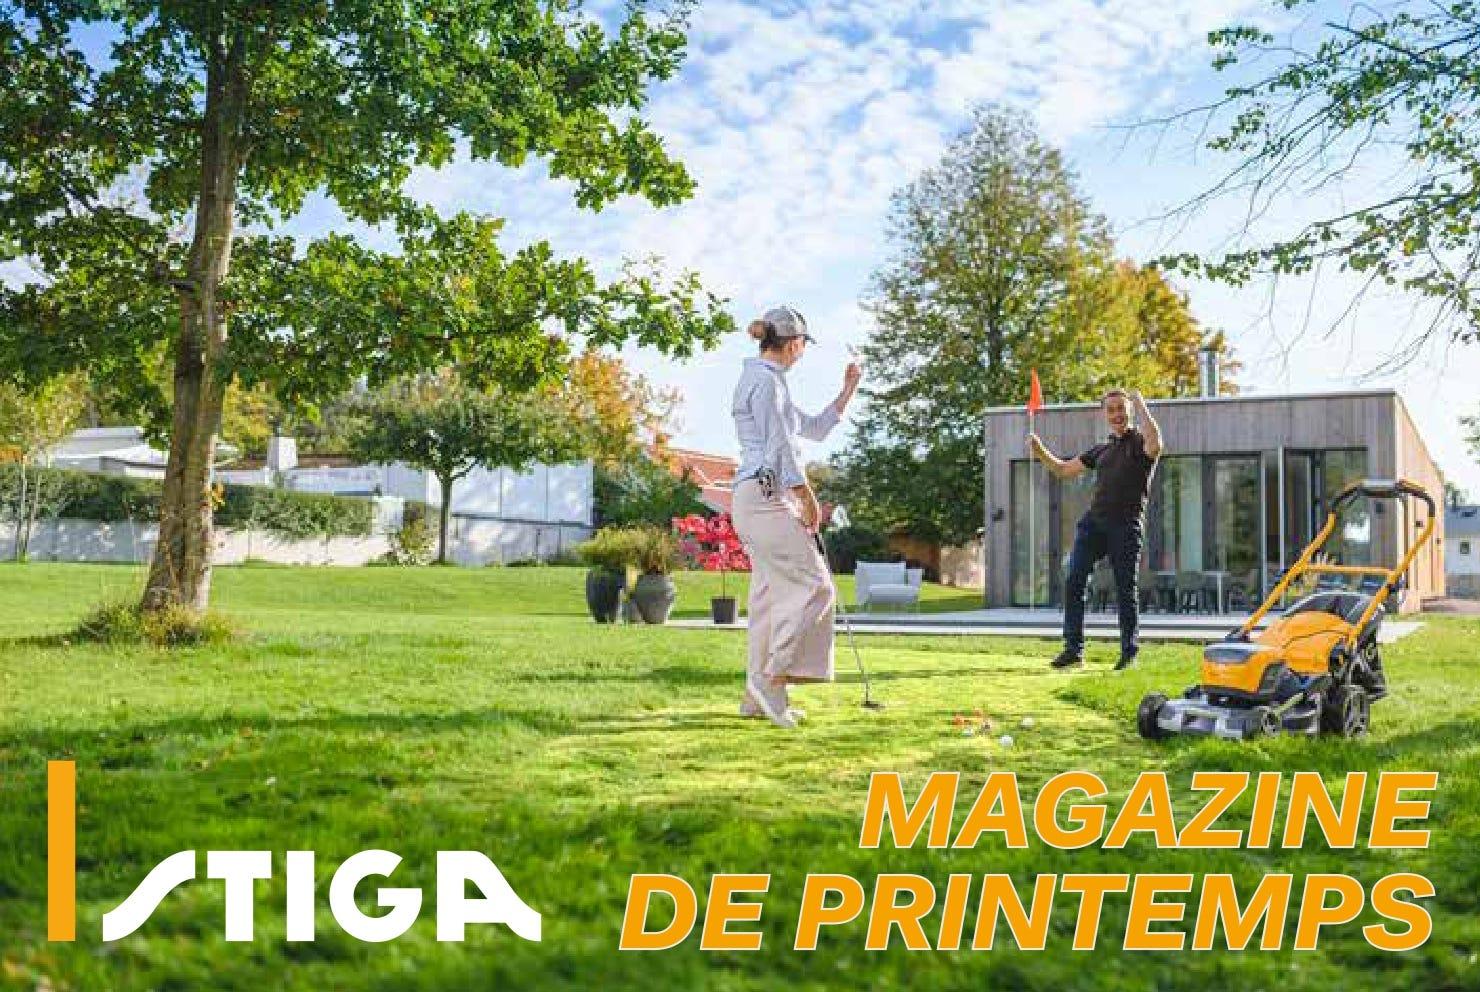 stiga-brochure-promotions-printemps-2020-belgique